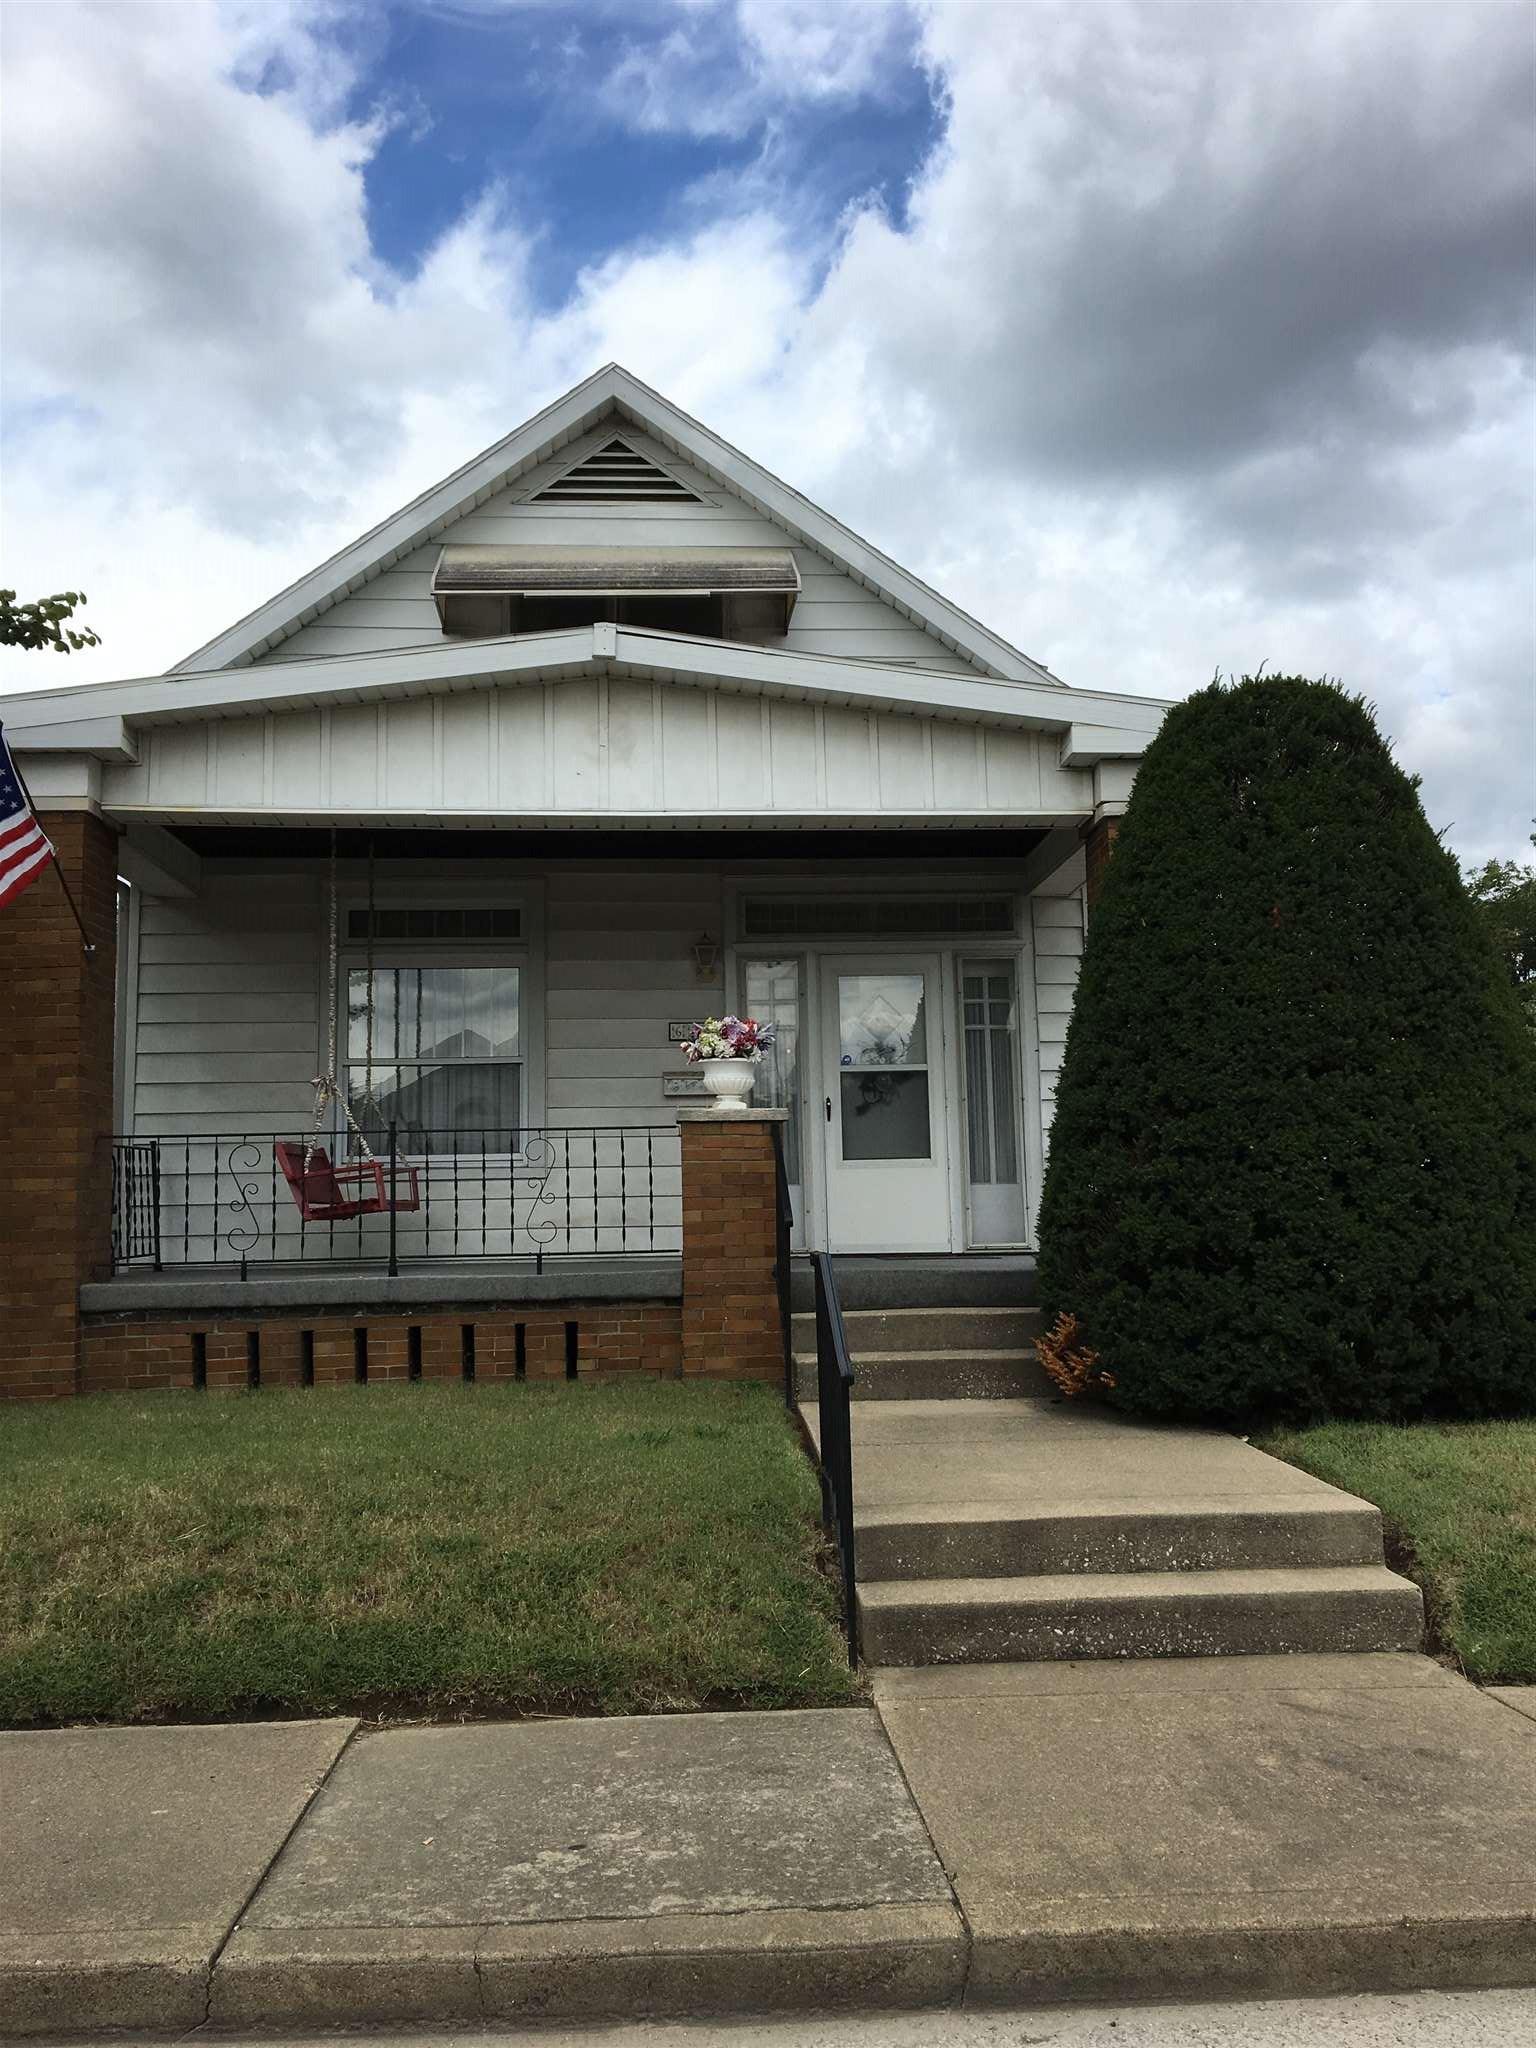 622 E Iowa St, Evansville, IN 47711